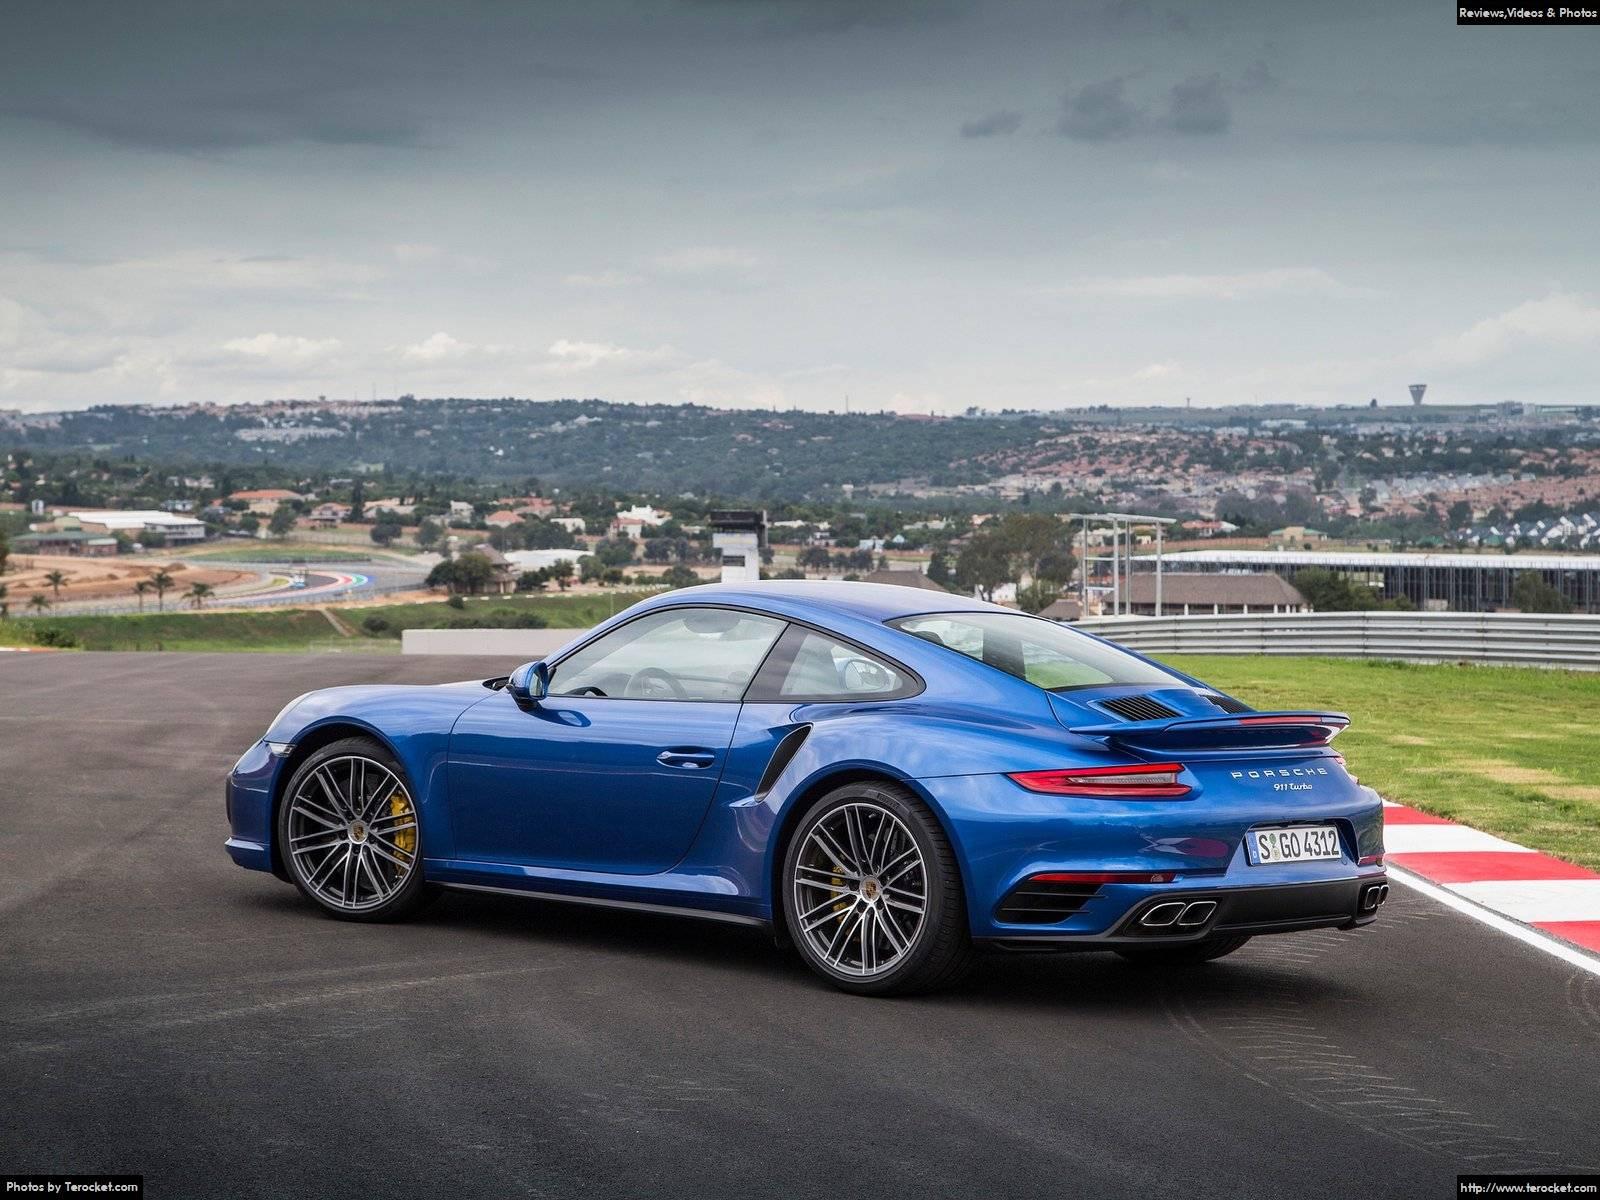 Hình ảnh xe ô tô Porsche 911 Turbo 2016 & nội ngoại thất